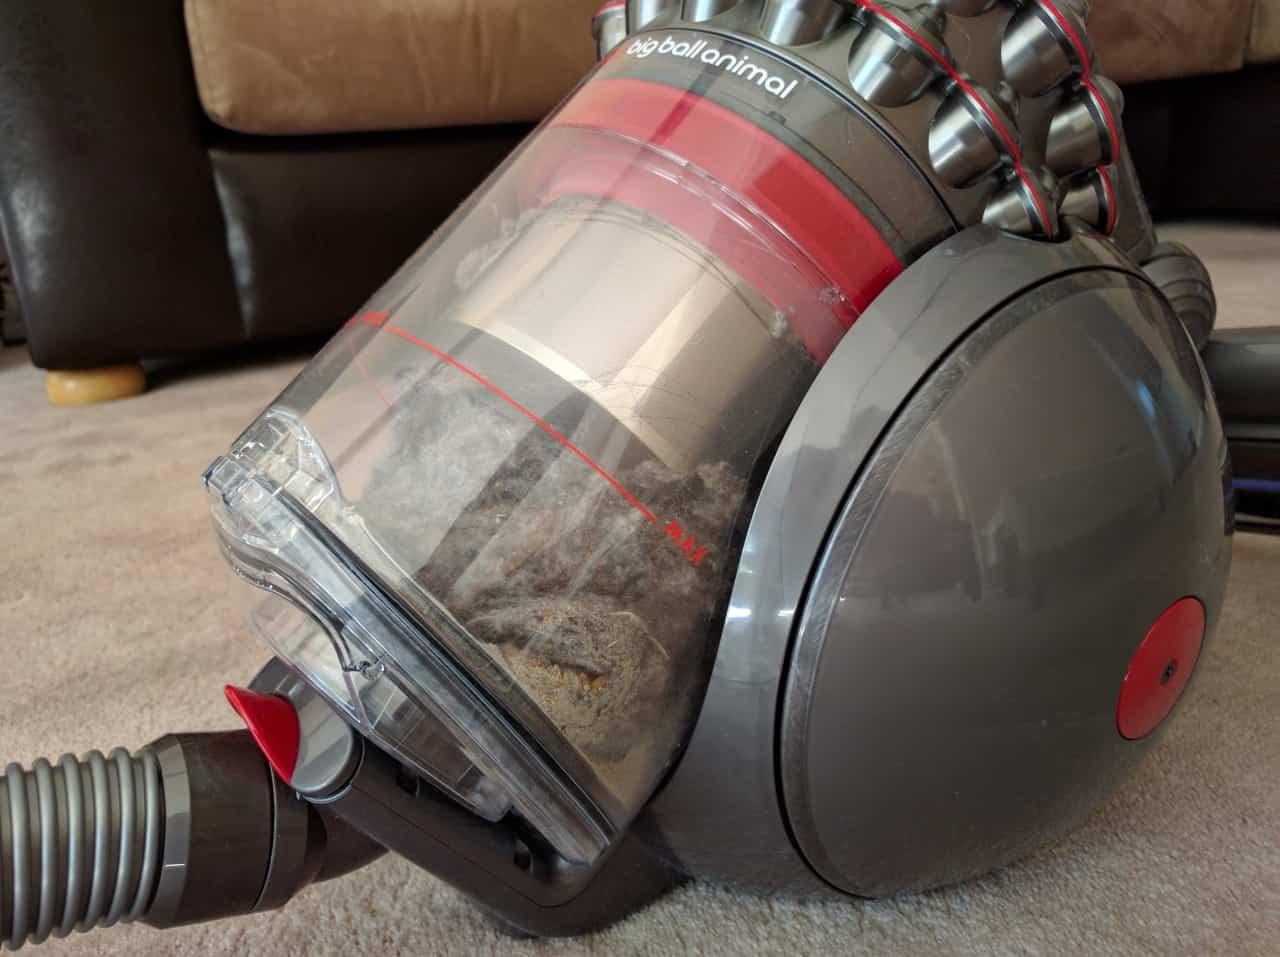 как почистить пылесос дайсон